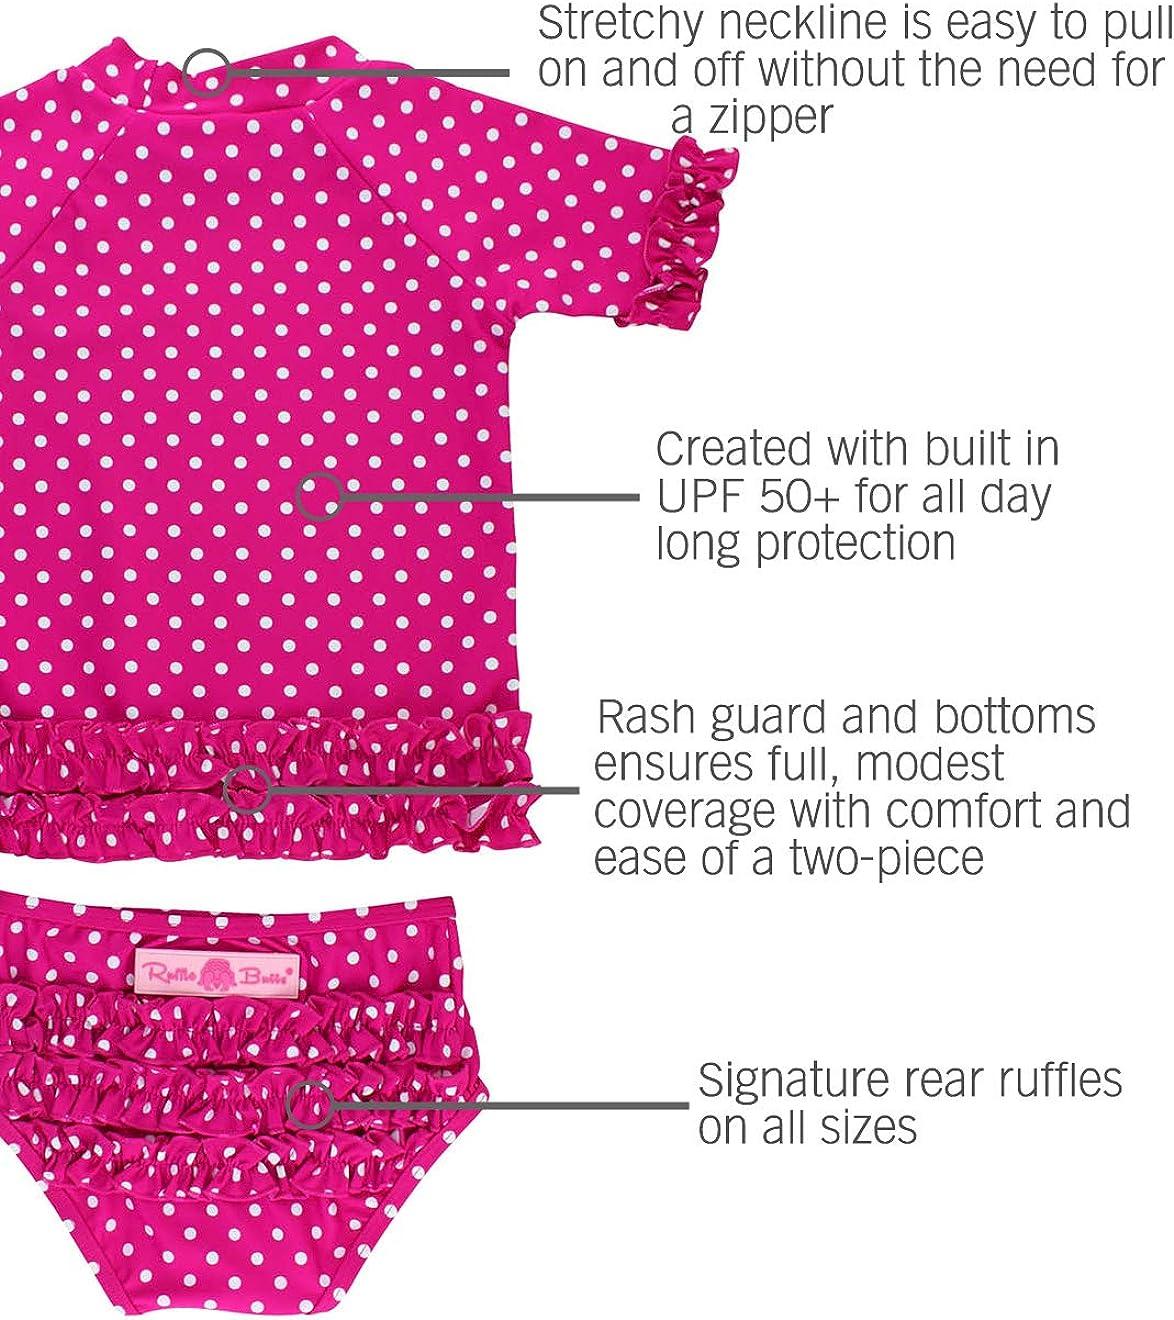 Polka Dot Bikini with UPF 50 RuffleButts Baby//Toddler Girls Rash Guard Short Sleeve 2-Piece Swimsuit Set Sun Protection